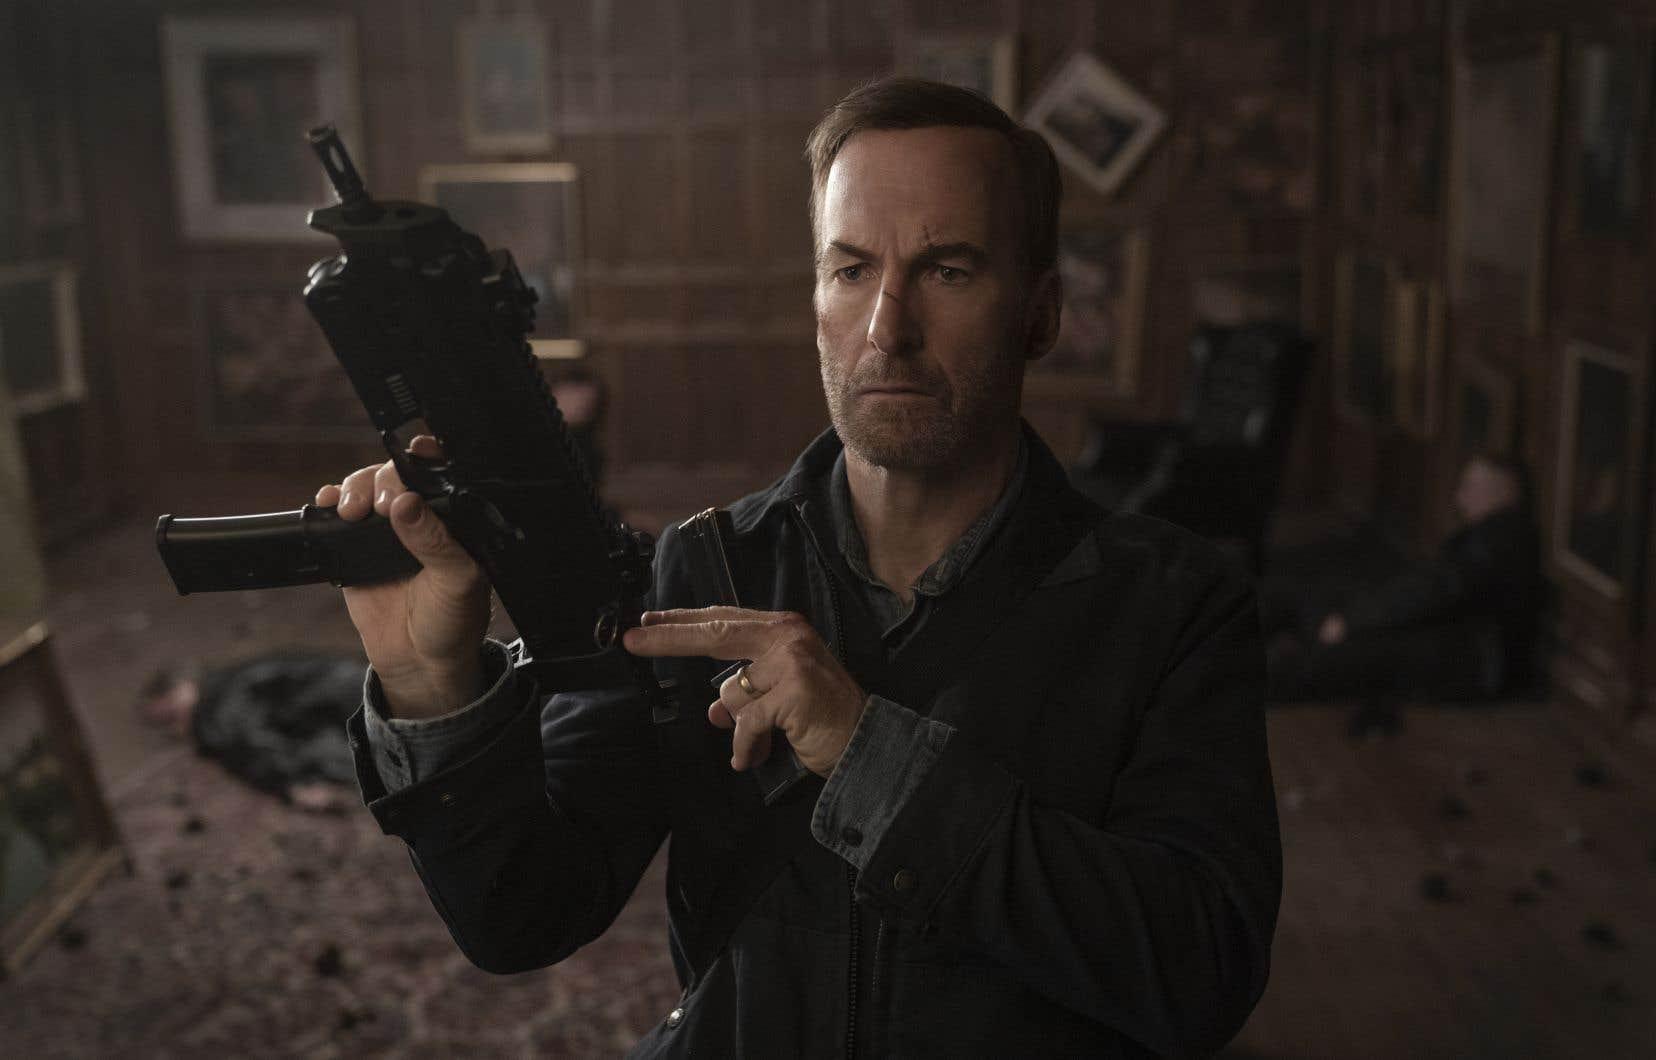 Dans <em>Nobody</em>, Bob Odenkirk (<em>Better Call Saul</em>) incarne un ex-tueur professionnel qui se voit contraint de reprendre du service.